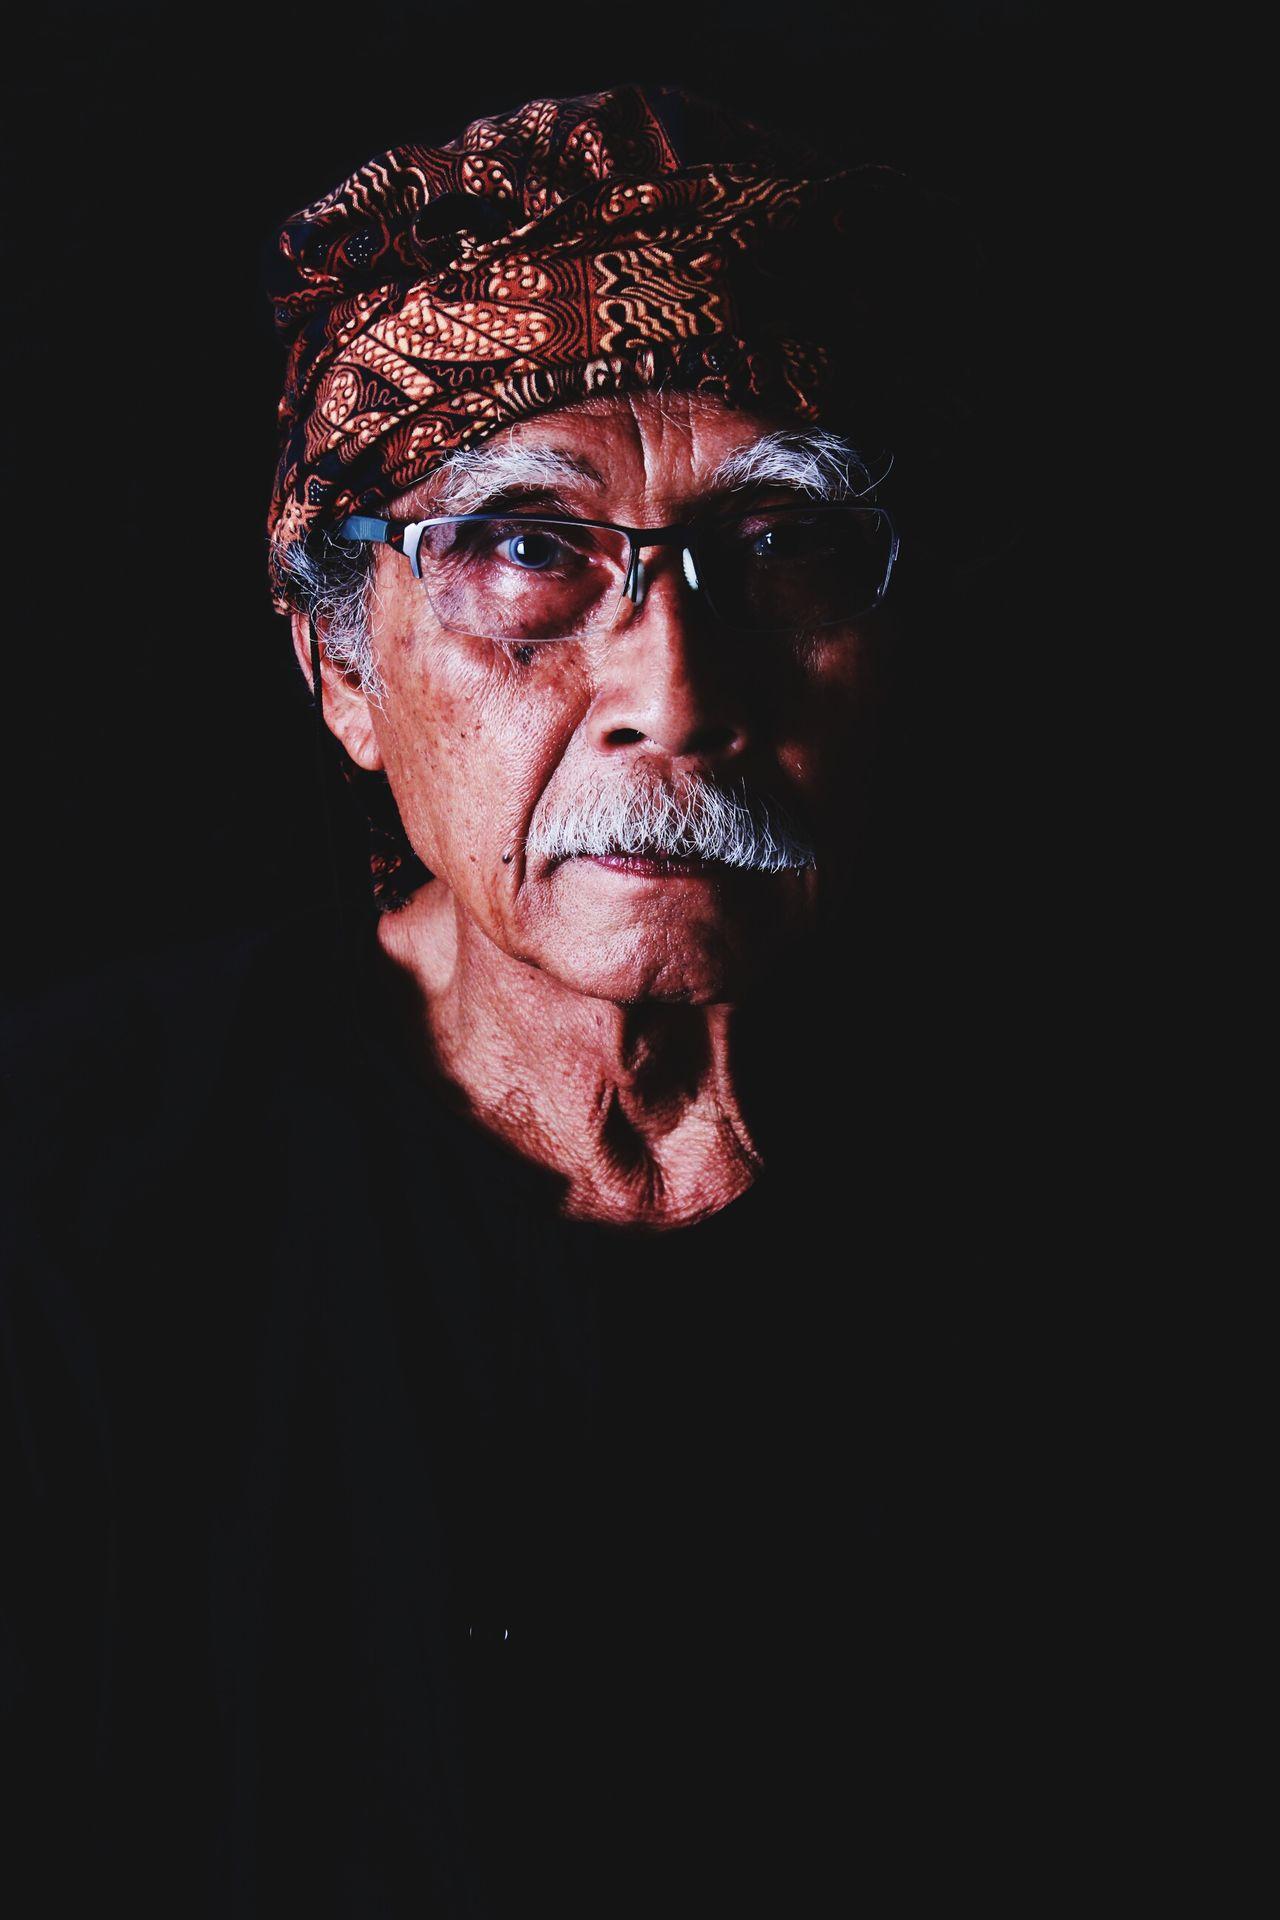 The Potraitist - 2015 EyeEm Awards oldman Glasses Sunda Sundaculture Bandungpisan Timorense Hello World Black Background Oldfashion Legend Legendary Legends Vintage Brito Extraordinary  Supermoon Bestpicoftheday The Week On Eyem